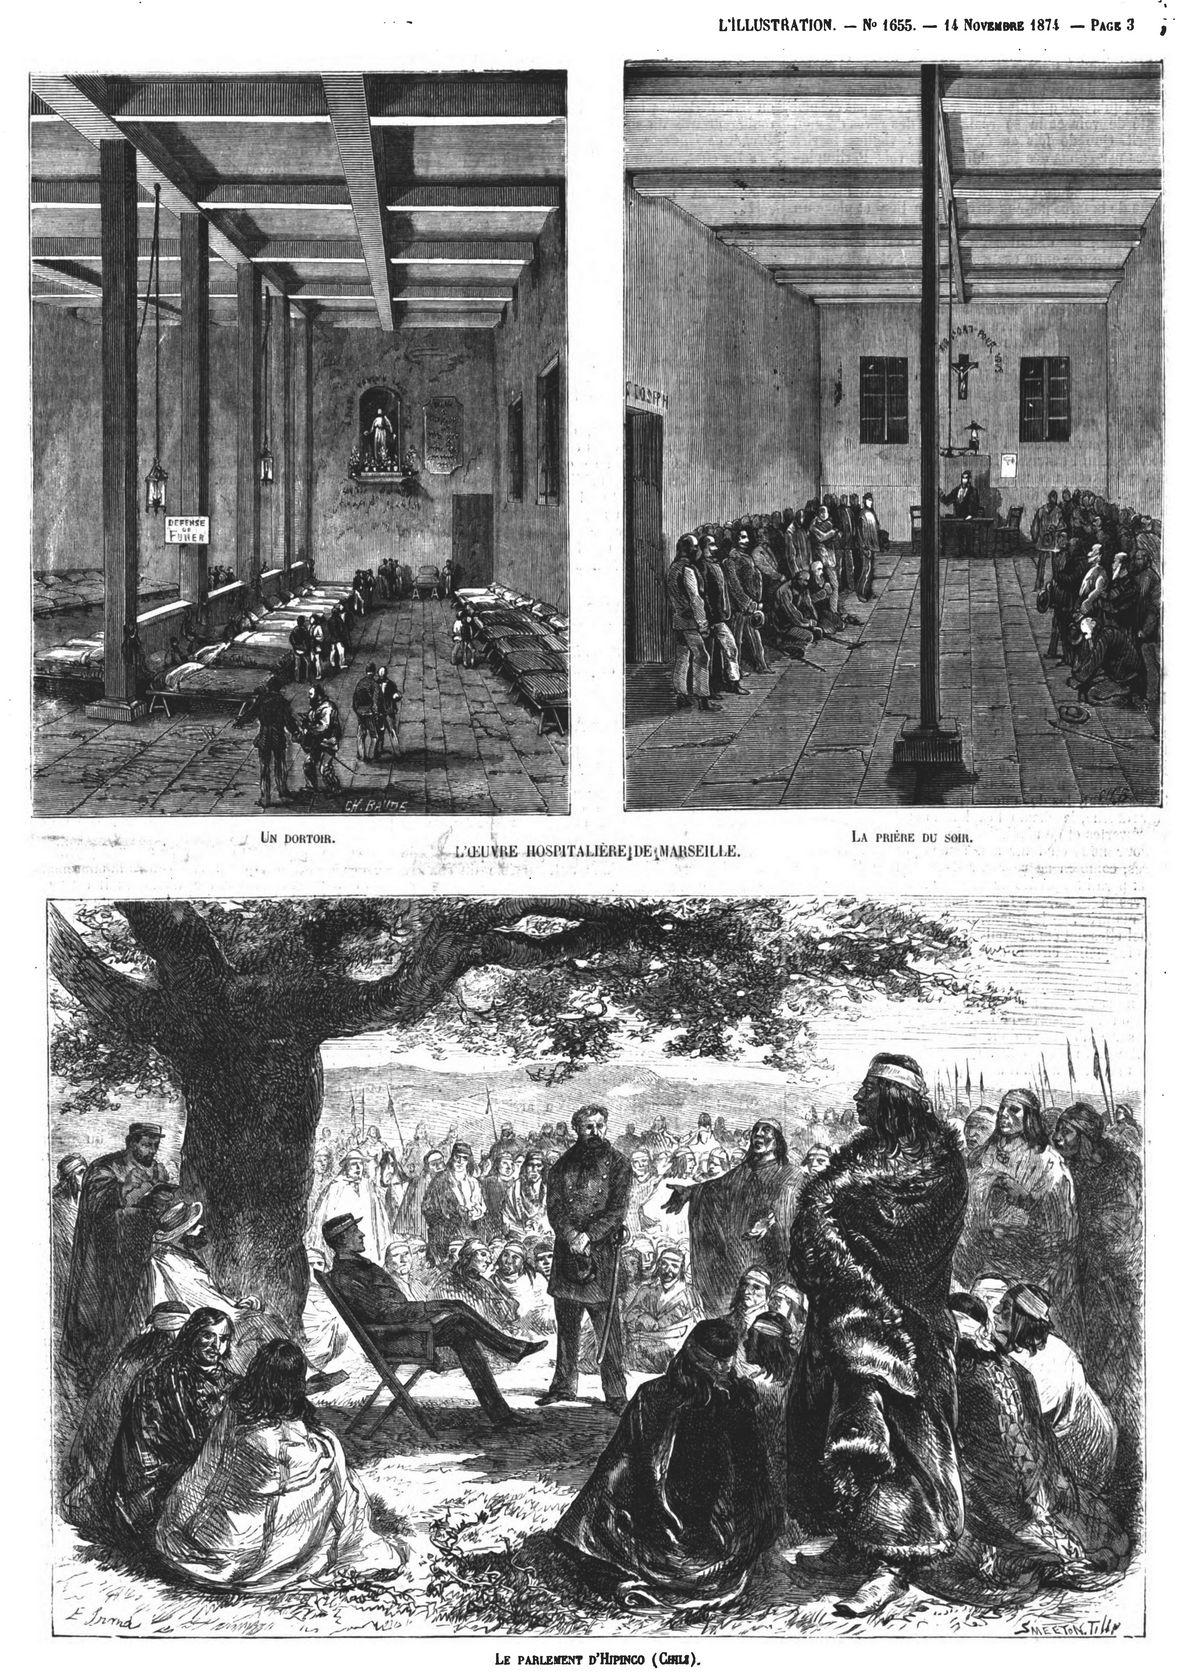 L'œuvre hospitalière de Marseille (2 gravures) Gravures 1874